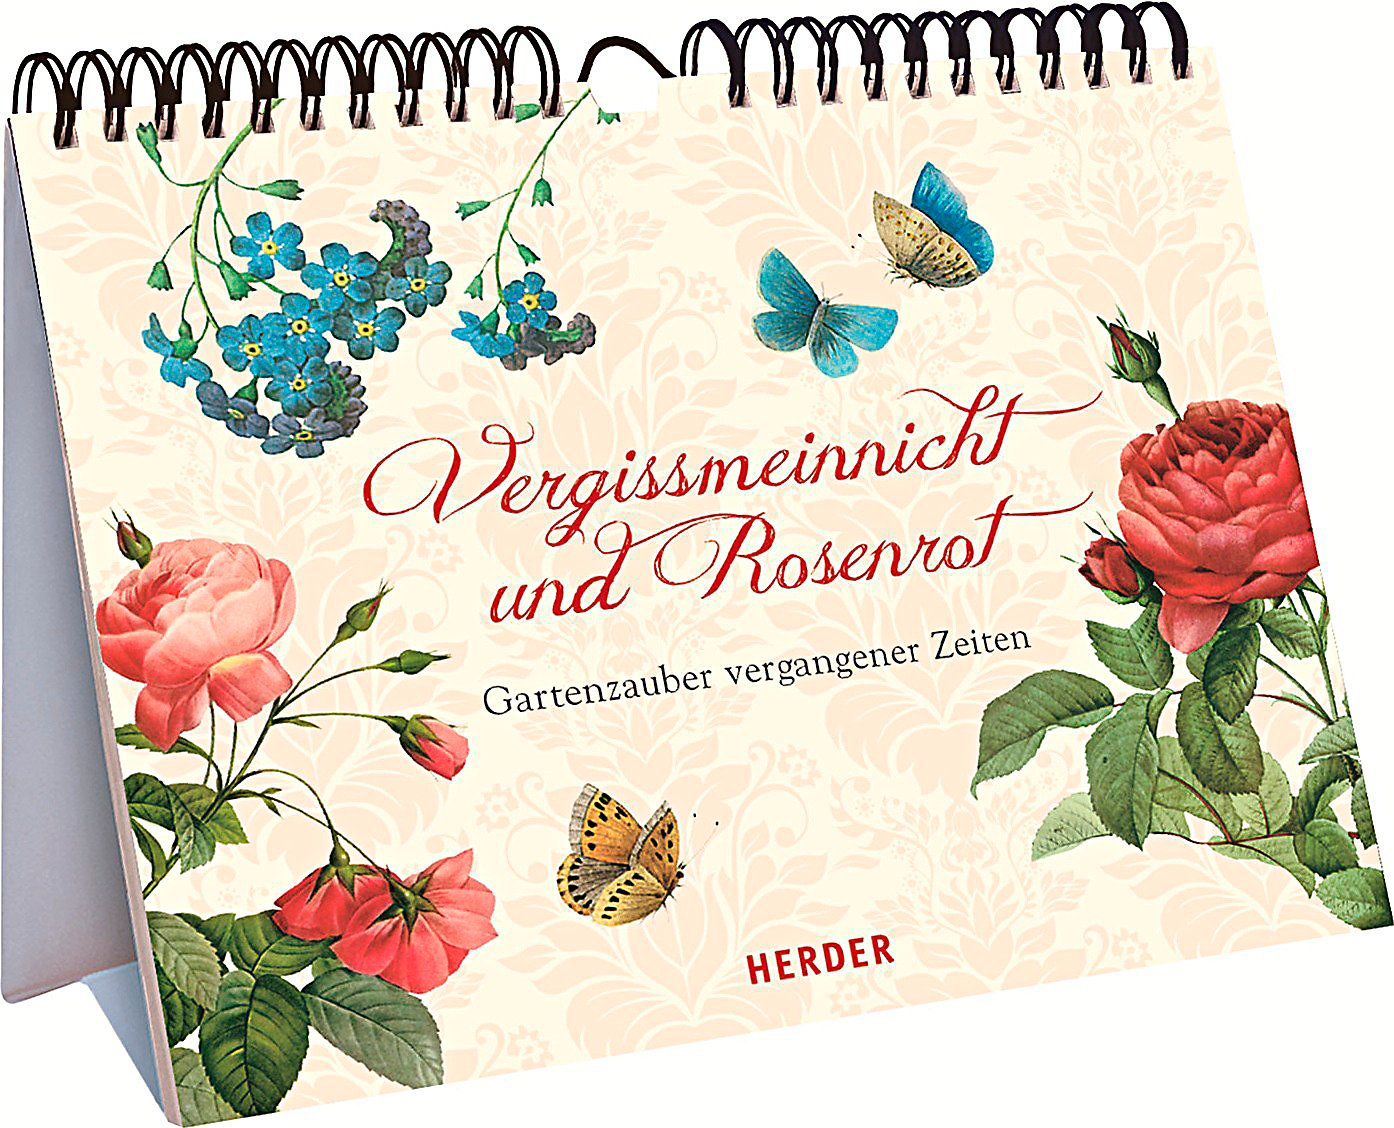 Vergissmeinnicht Und Rosenrot Aufstellbuch Buch Weltbildde